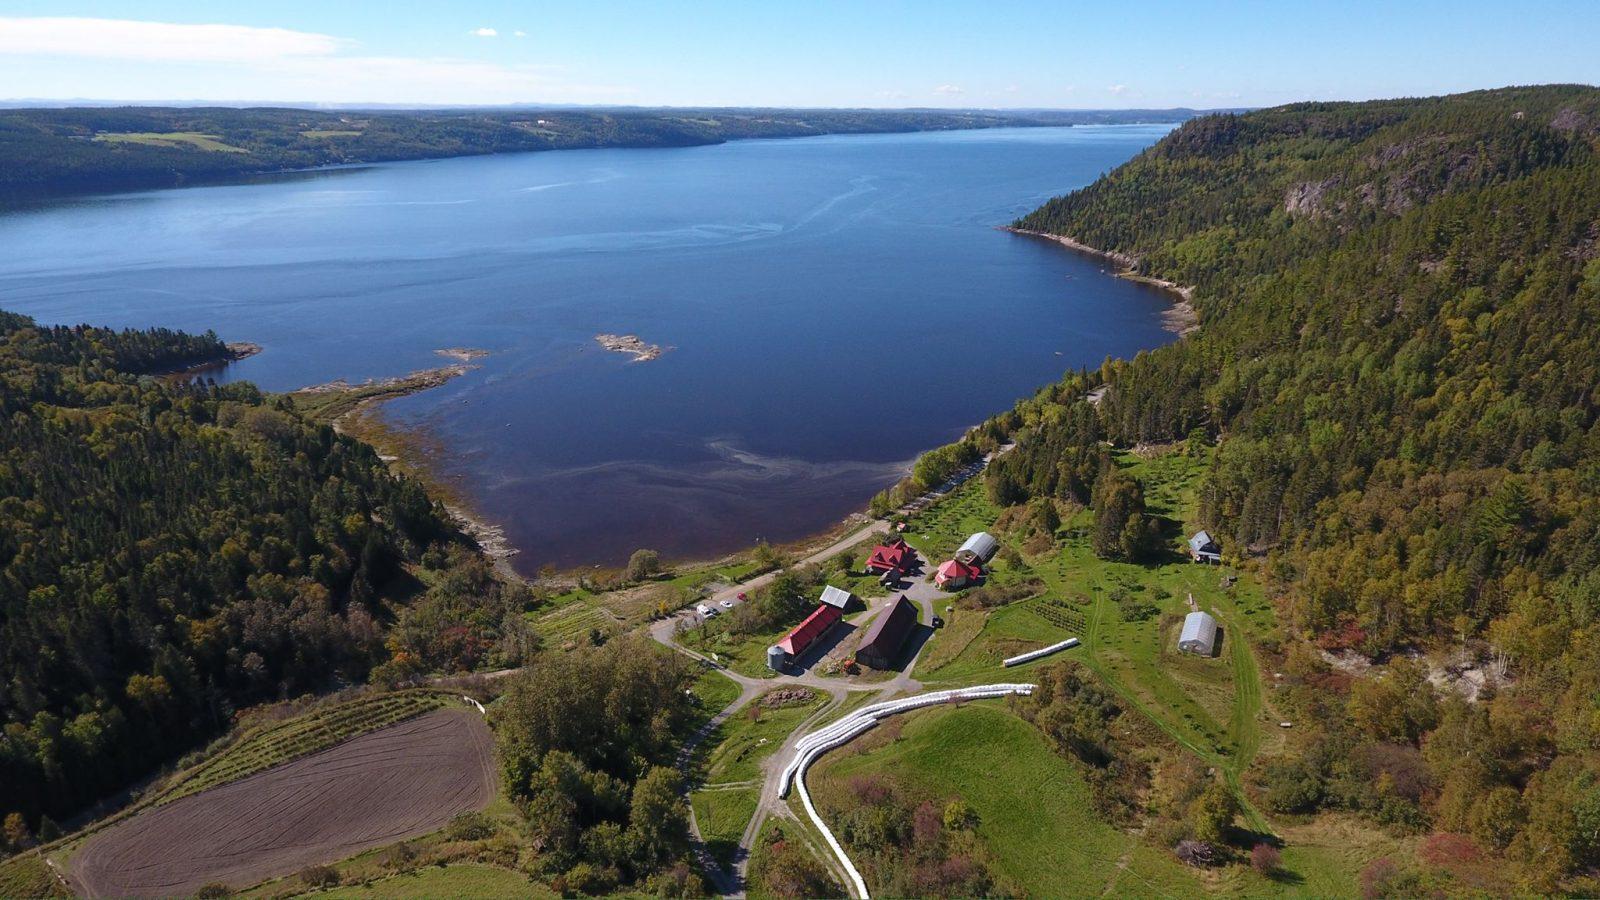 Découvrez le terroir de la MRC du Fjord-du-Saguenay grâce au BaladoDécouverte